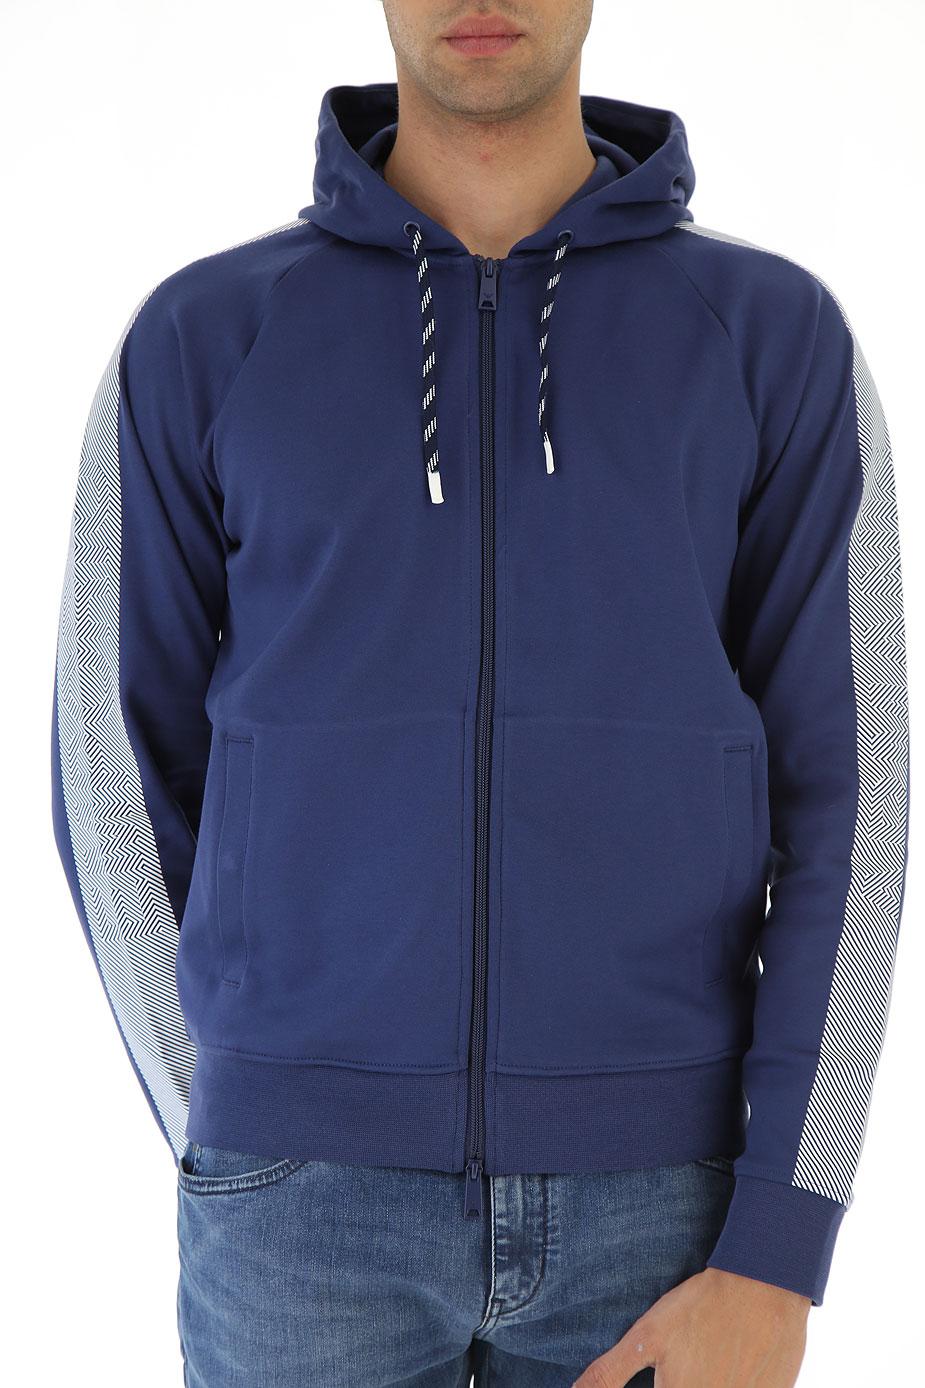 Abbigliamento Uomo Emporio Armani, Codice Articolo: 3z1m64-1jsqz-0909